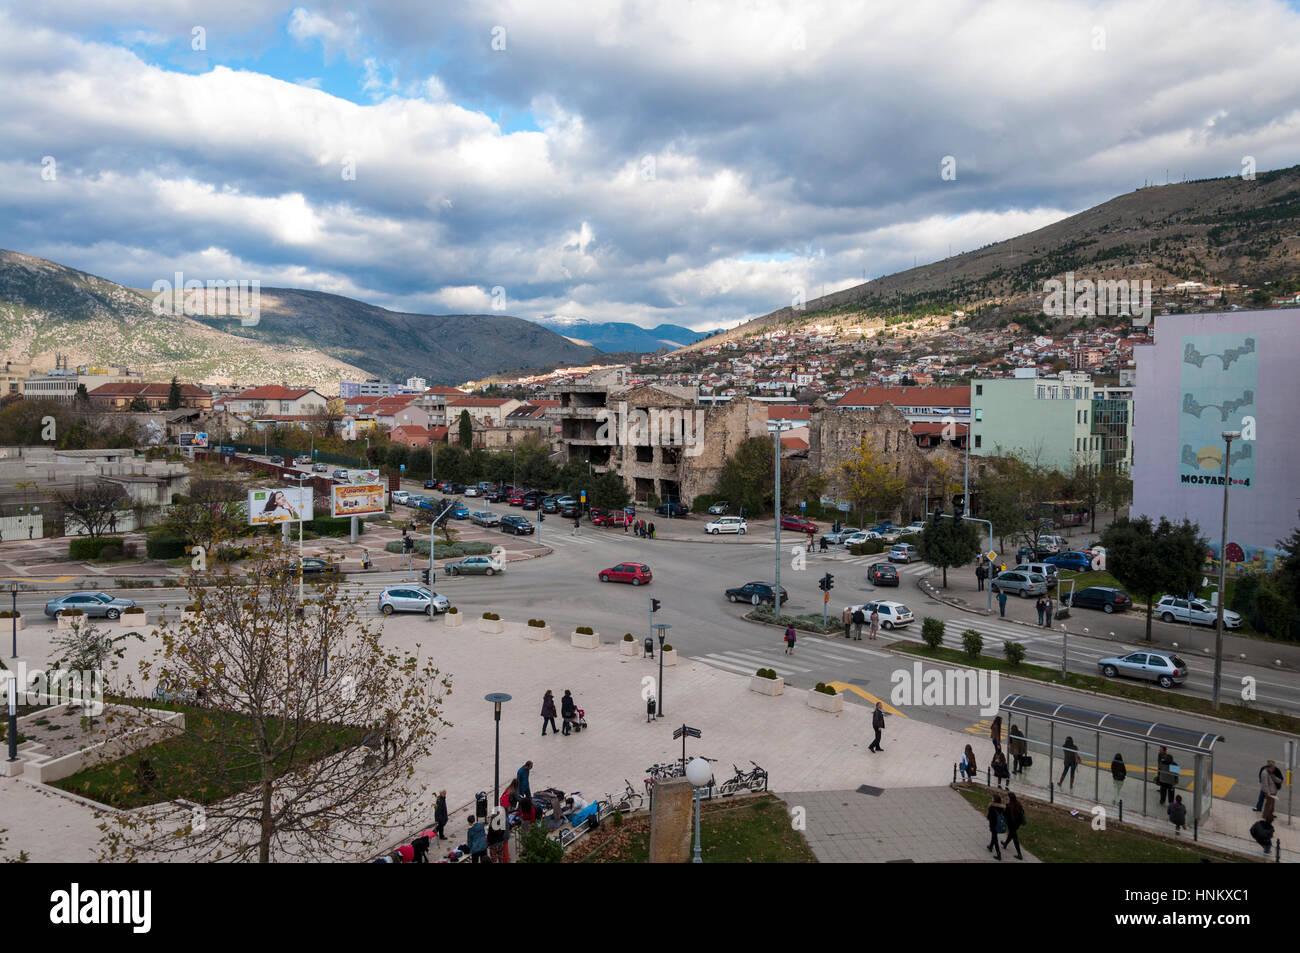 Mostar, Bosnia Herzcegovina, Spanish Square former frontline in war - Stock Image